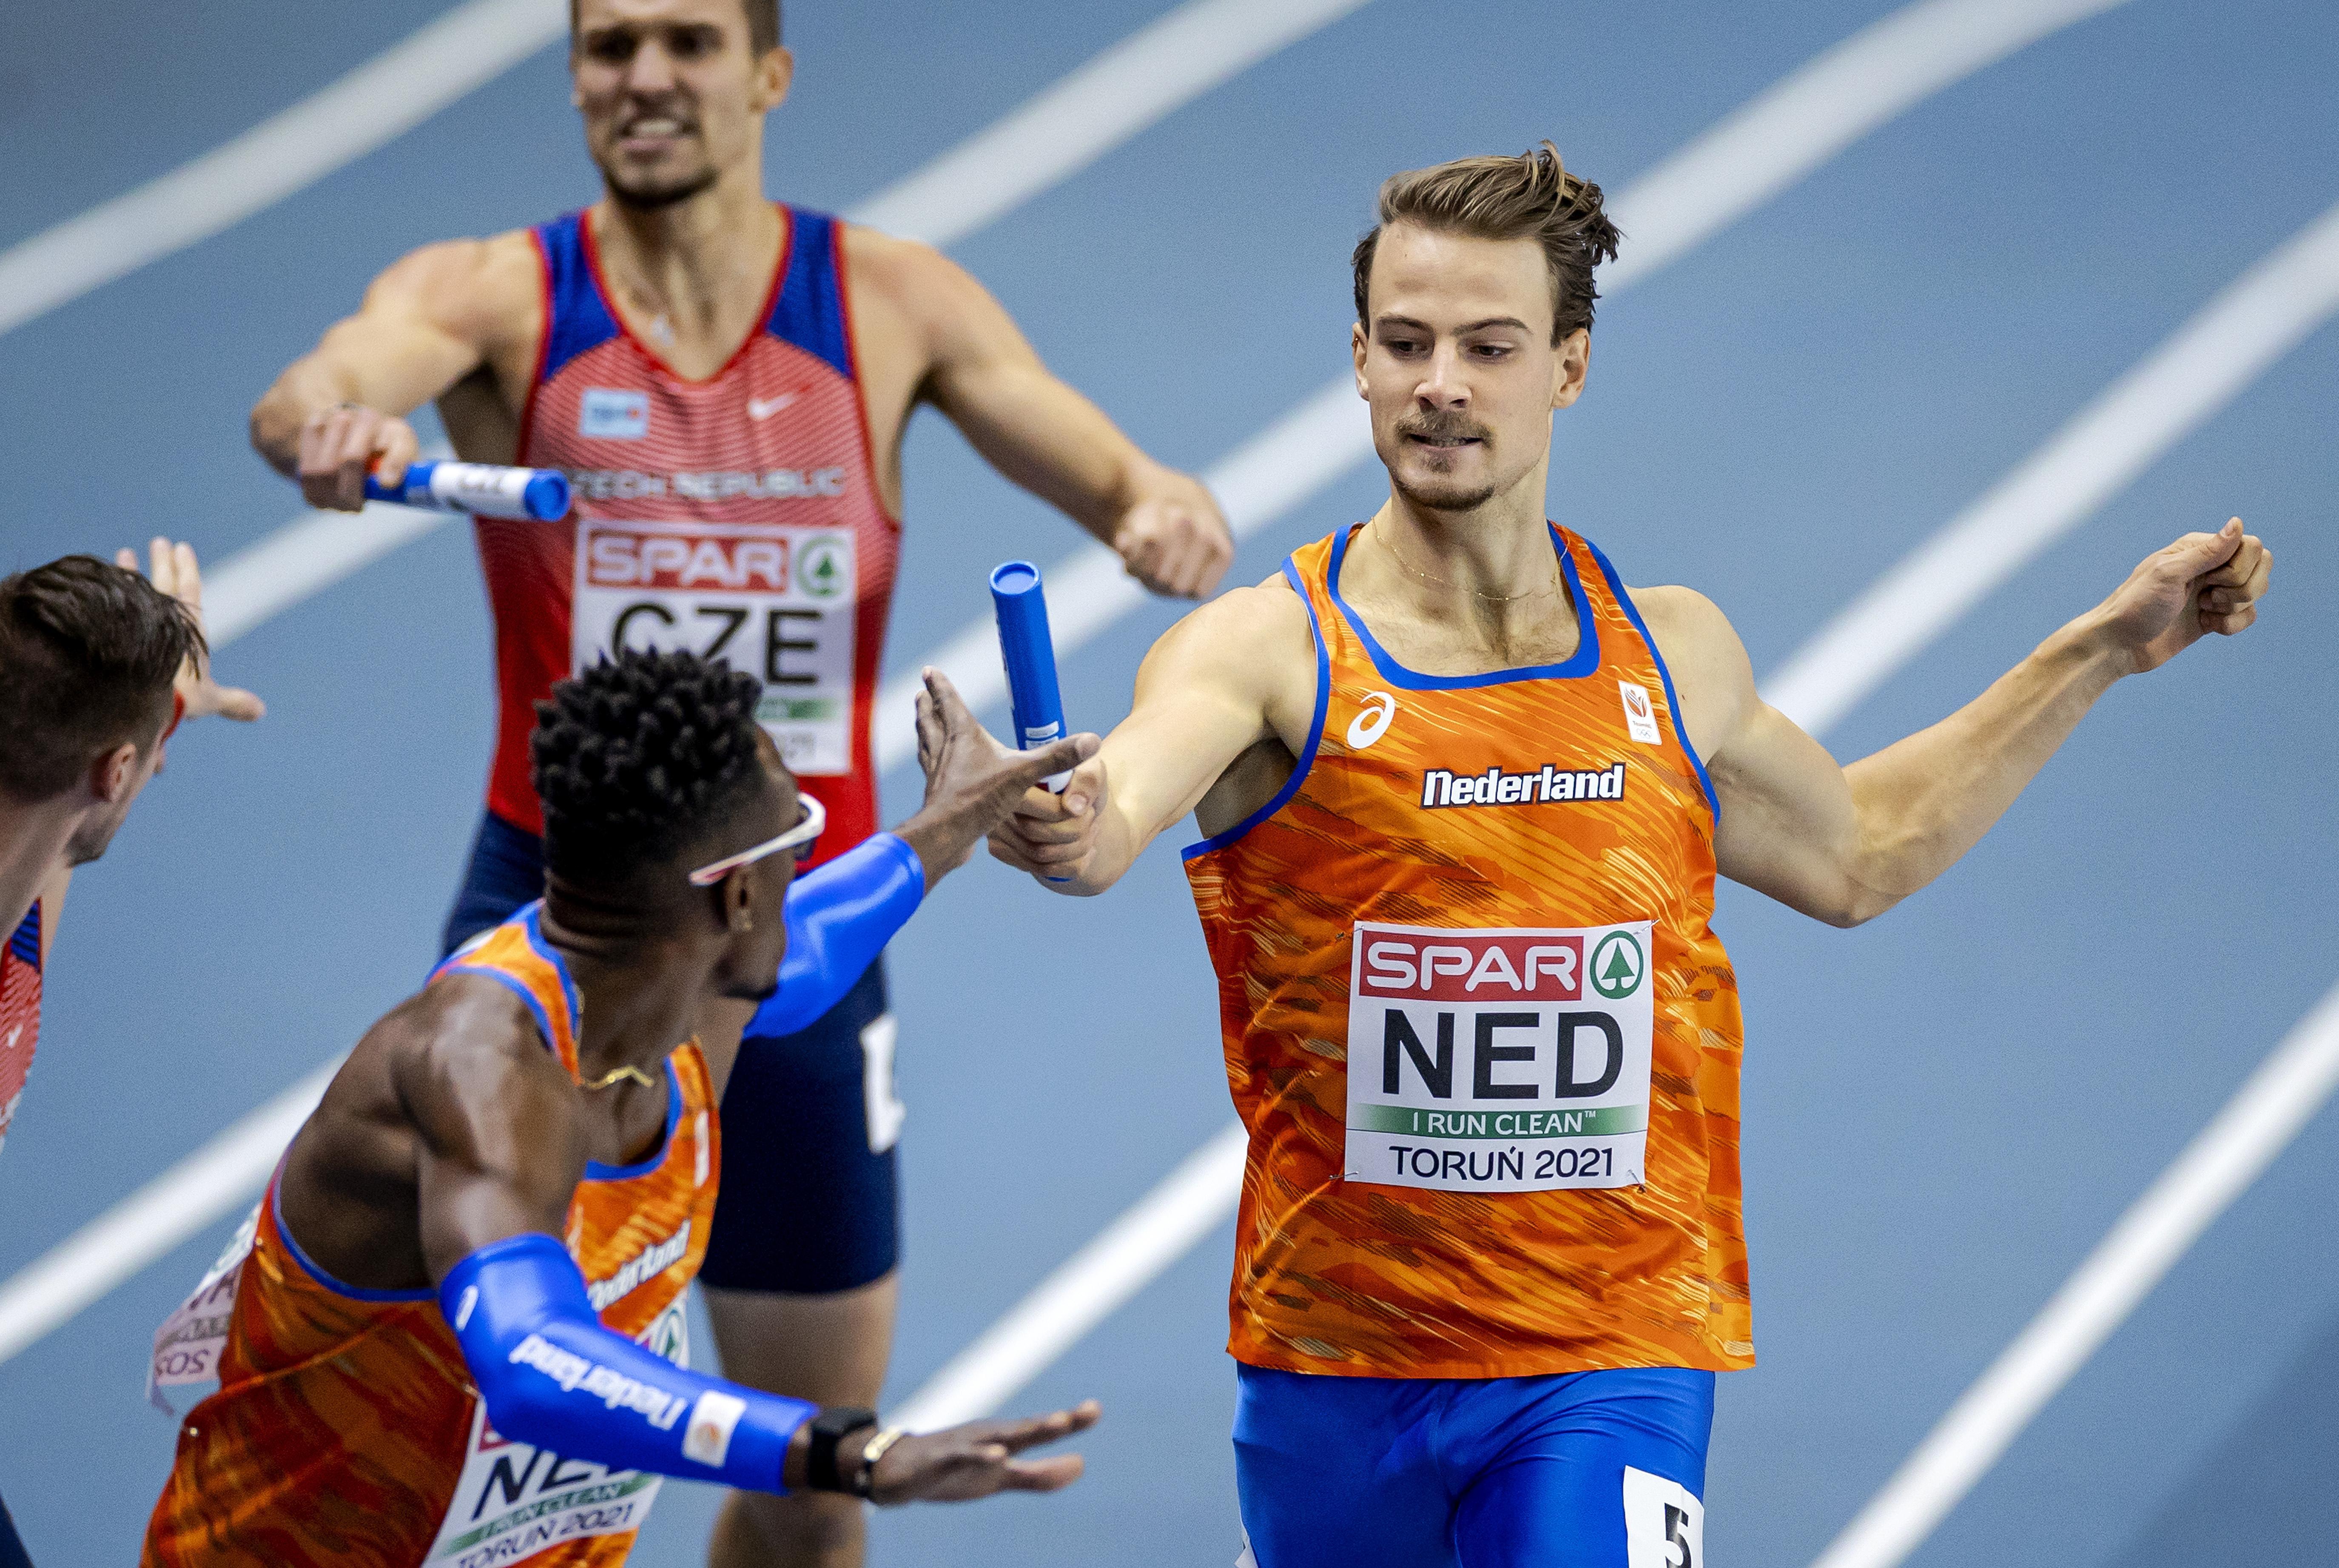 Kersvers Europees kampioen Jochem Dobber waagt zich nog niet aan een feestje: 'Kampioen of niet, covid is niet voorbij'